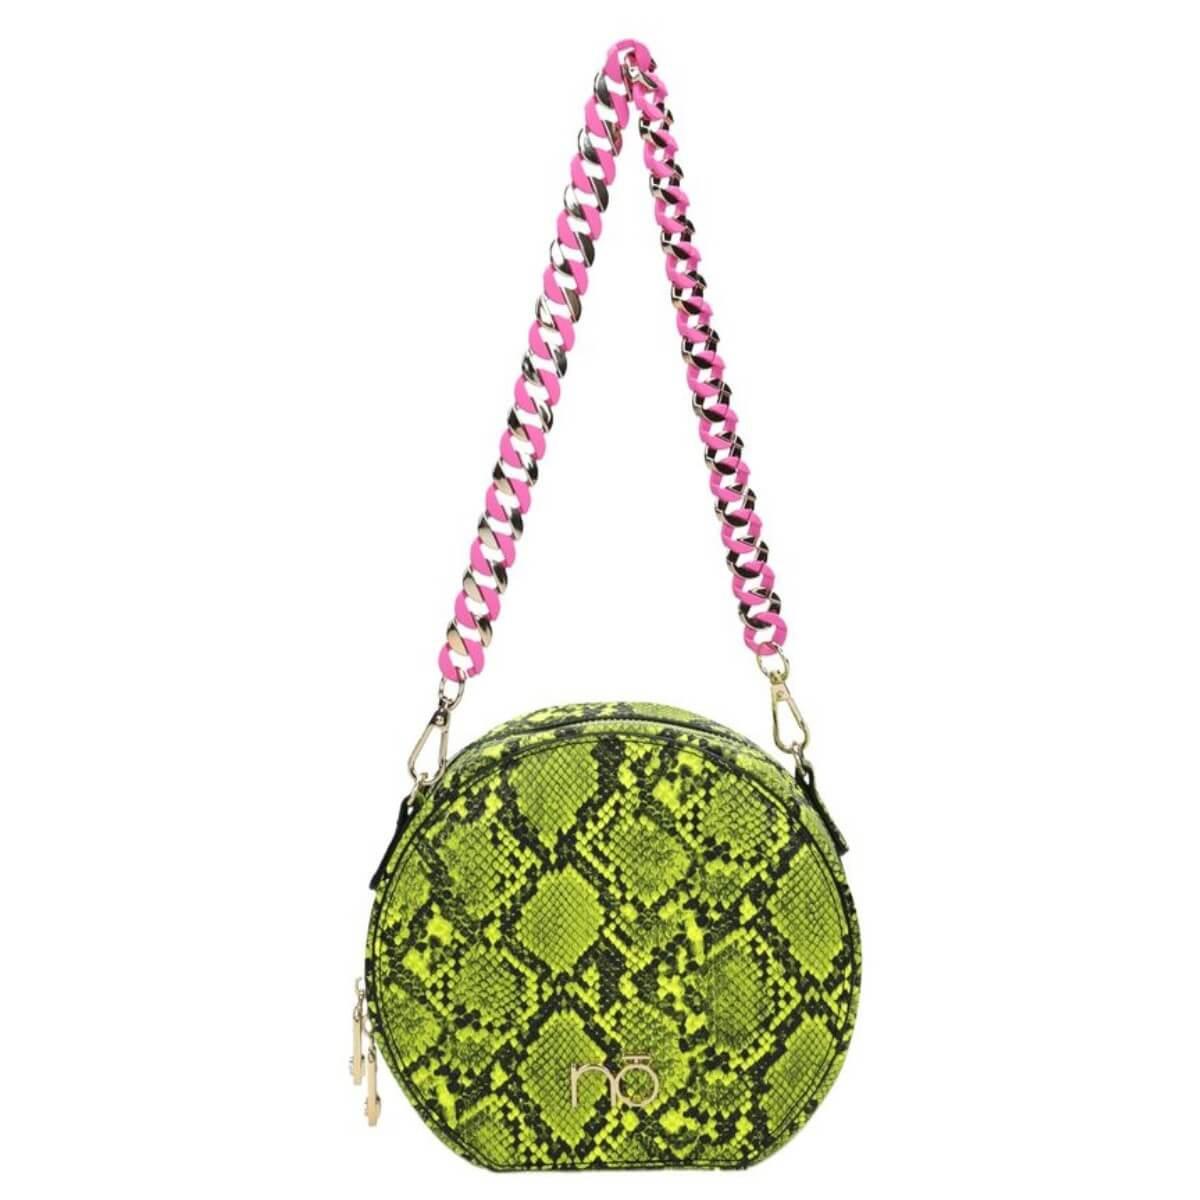 Nobo Woman's Bag NBAG-I0741-C008